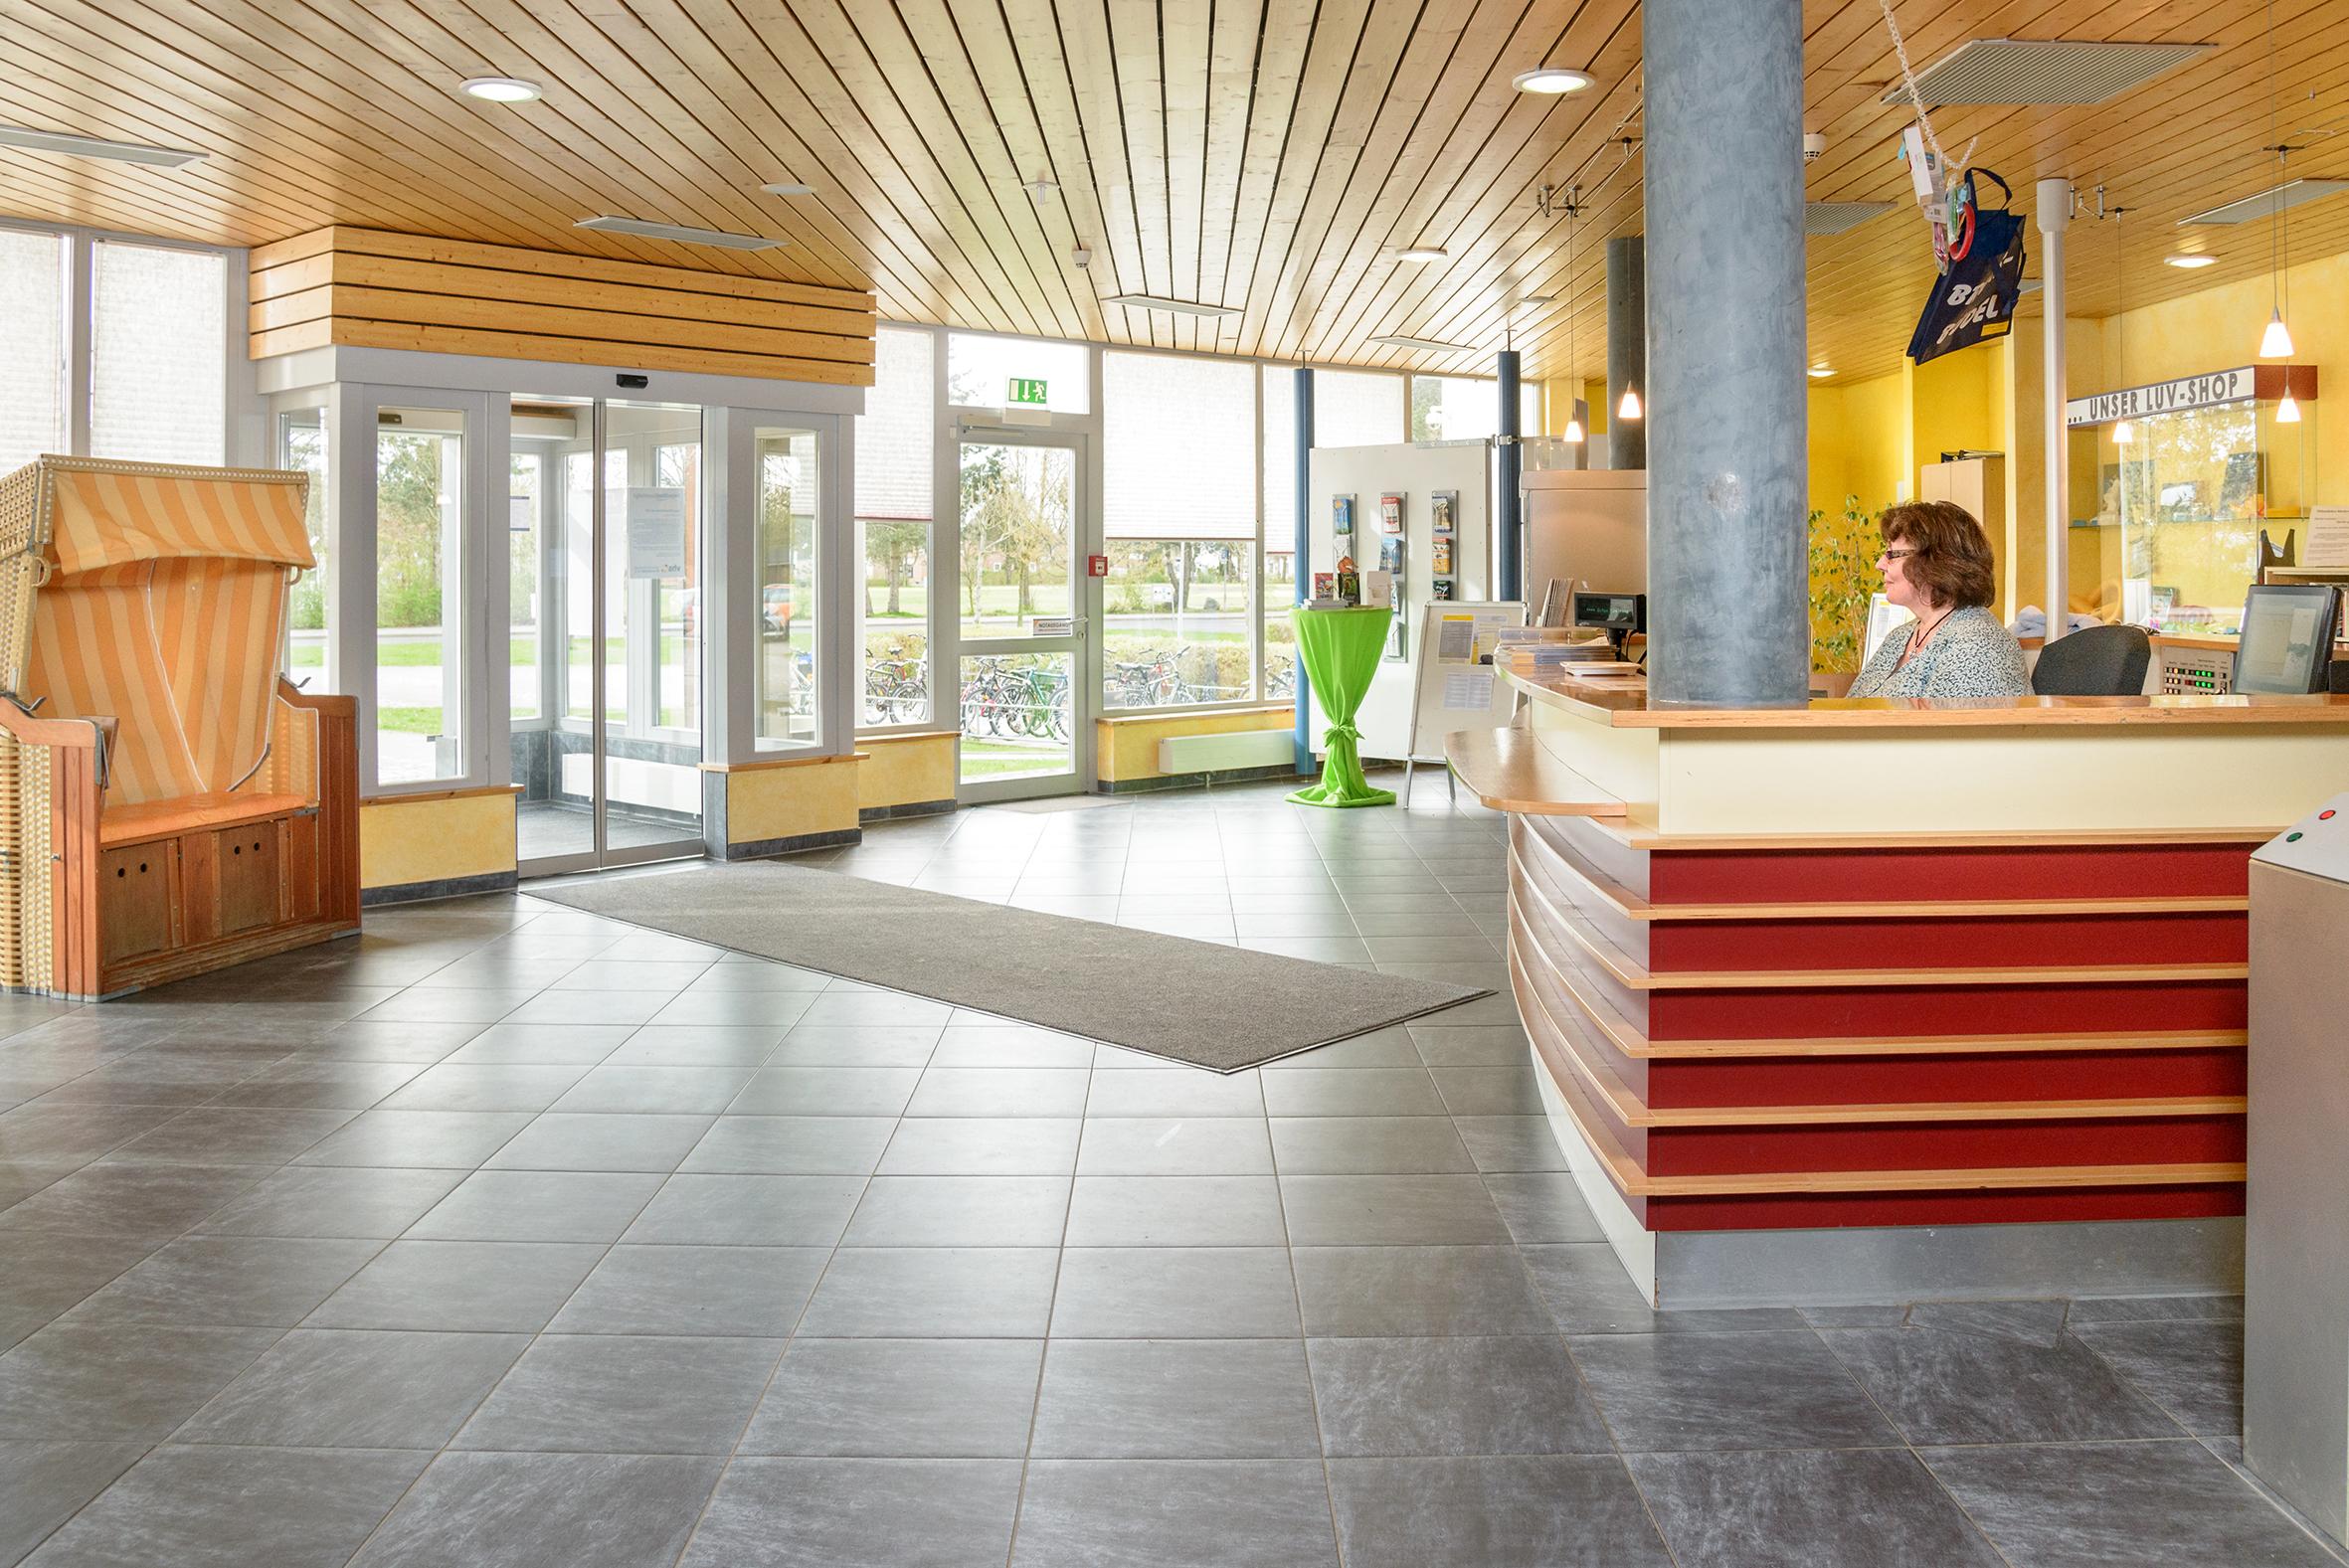 Eintrittspreise - Freizeitbad Brunsbüttel